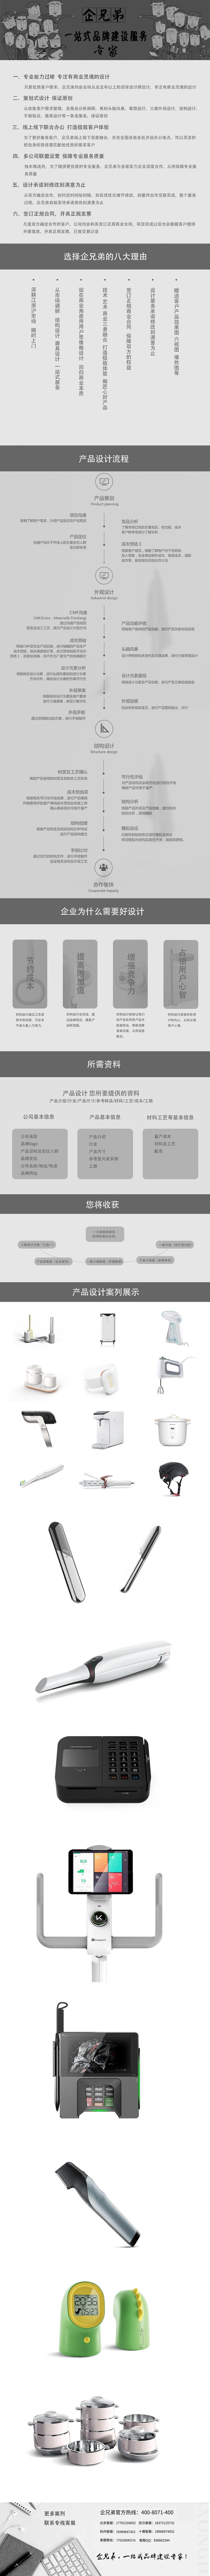 企兄弟APP工业设计详情页3.jpg